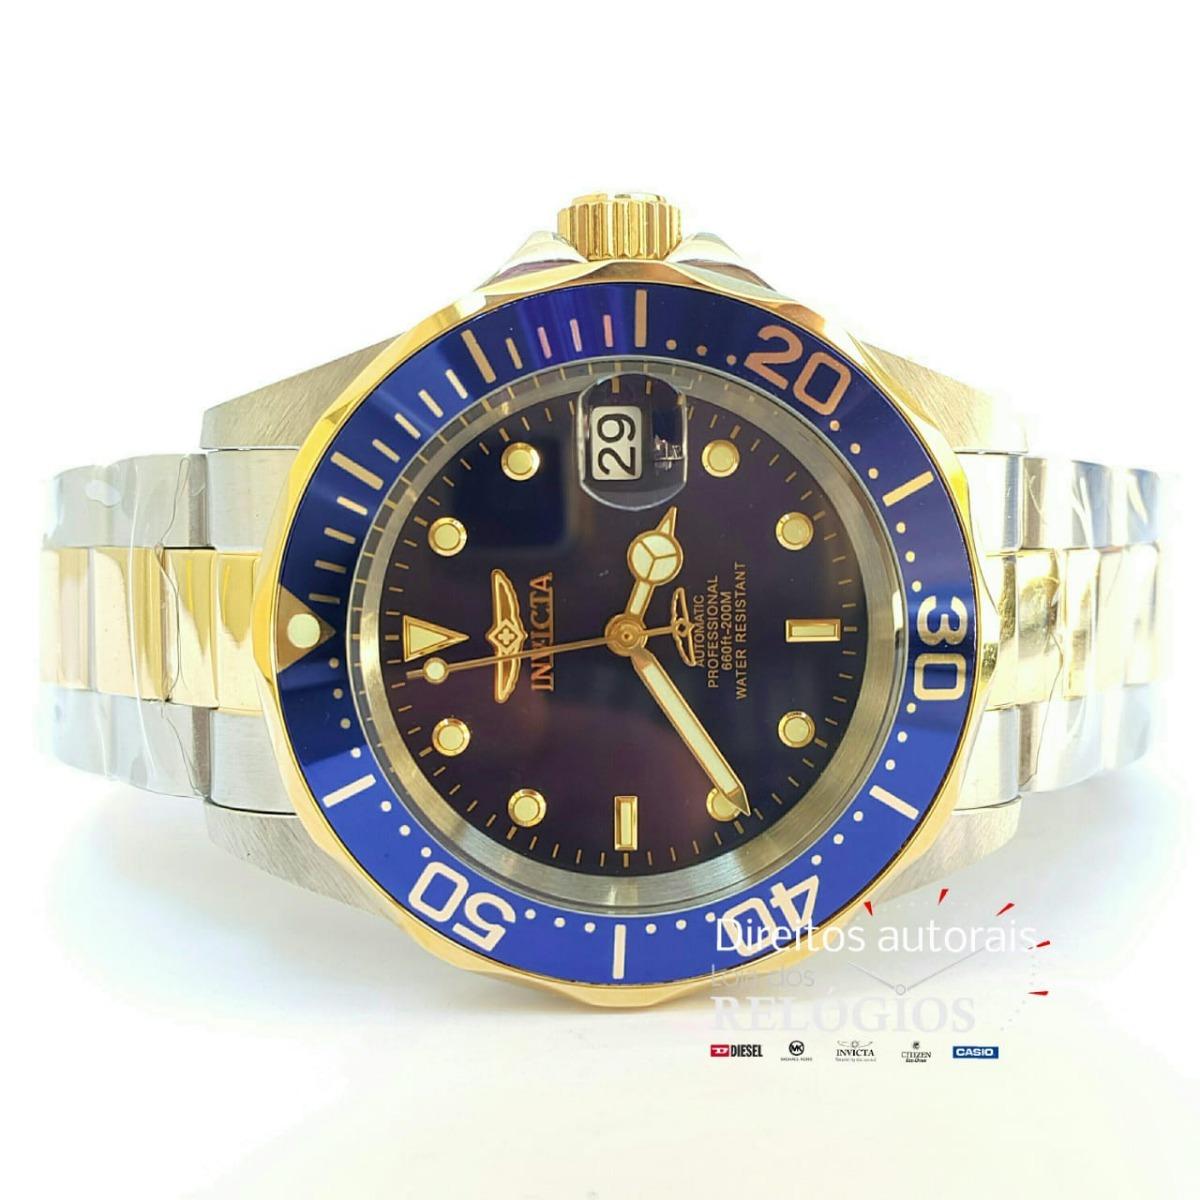 3afbc564f05 Relógio Invicta Pro Diver Mod 8928 Original Preto Rolex - R  629